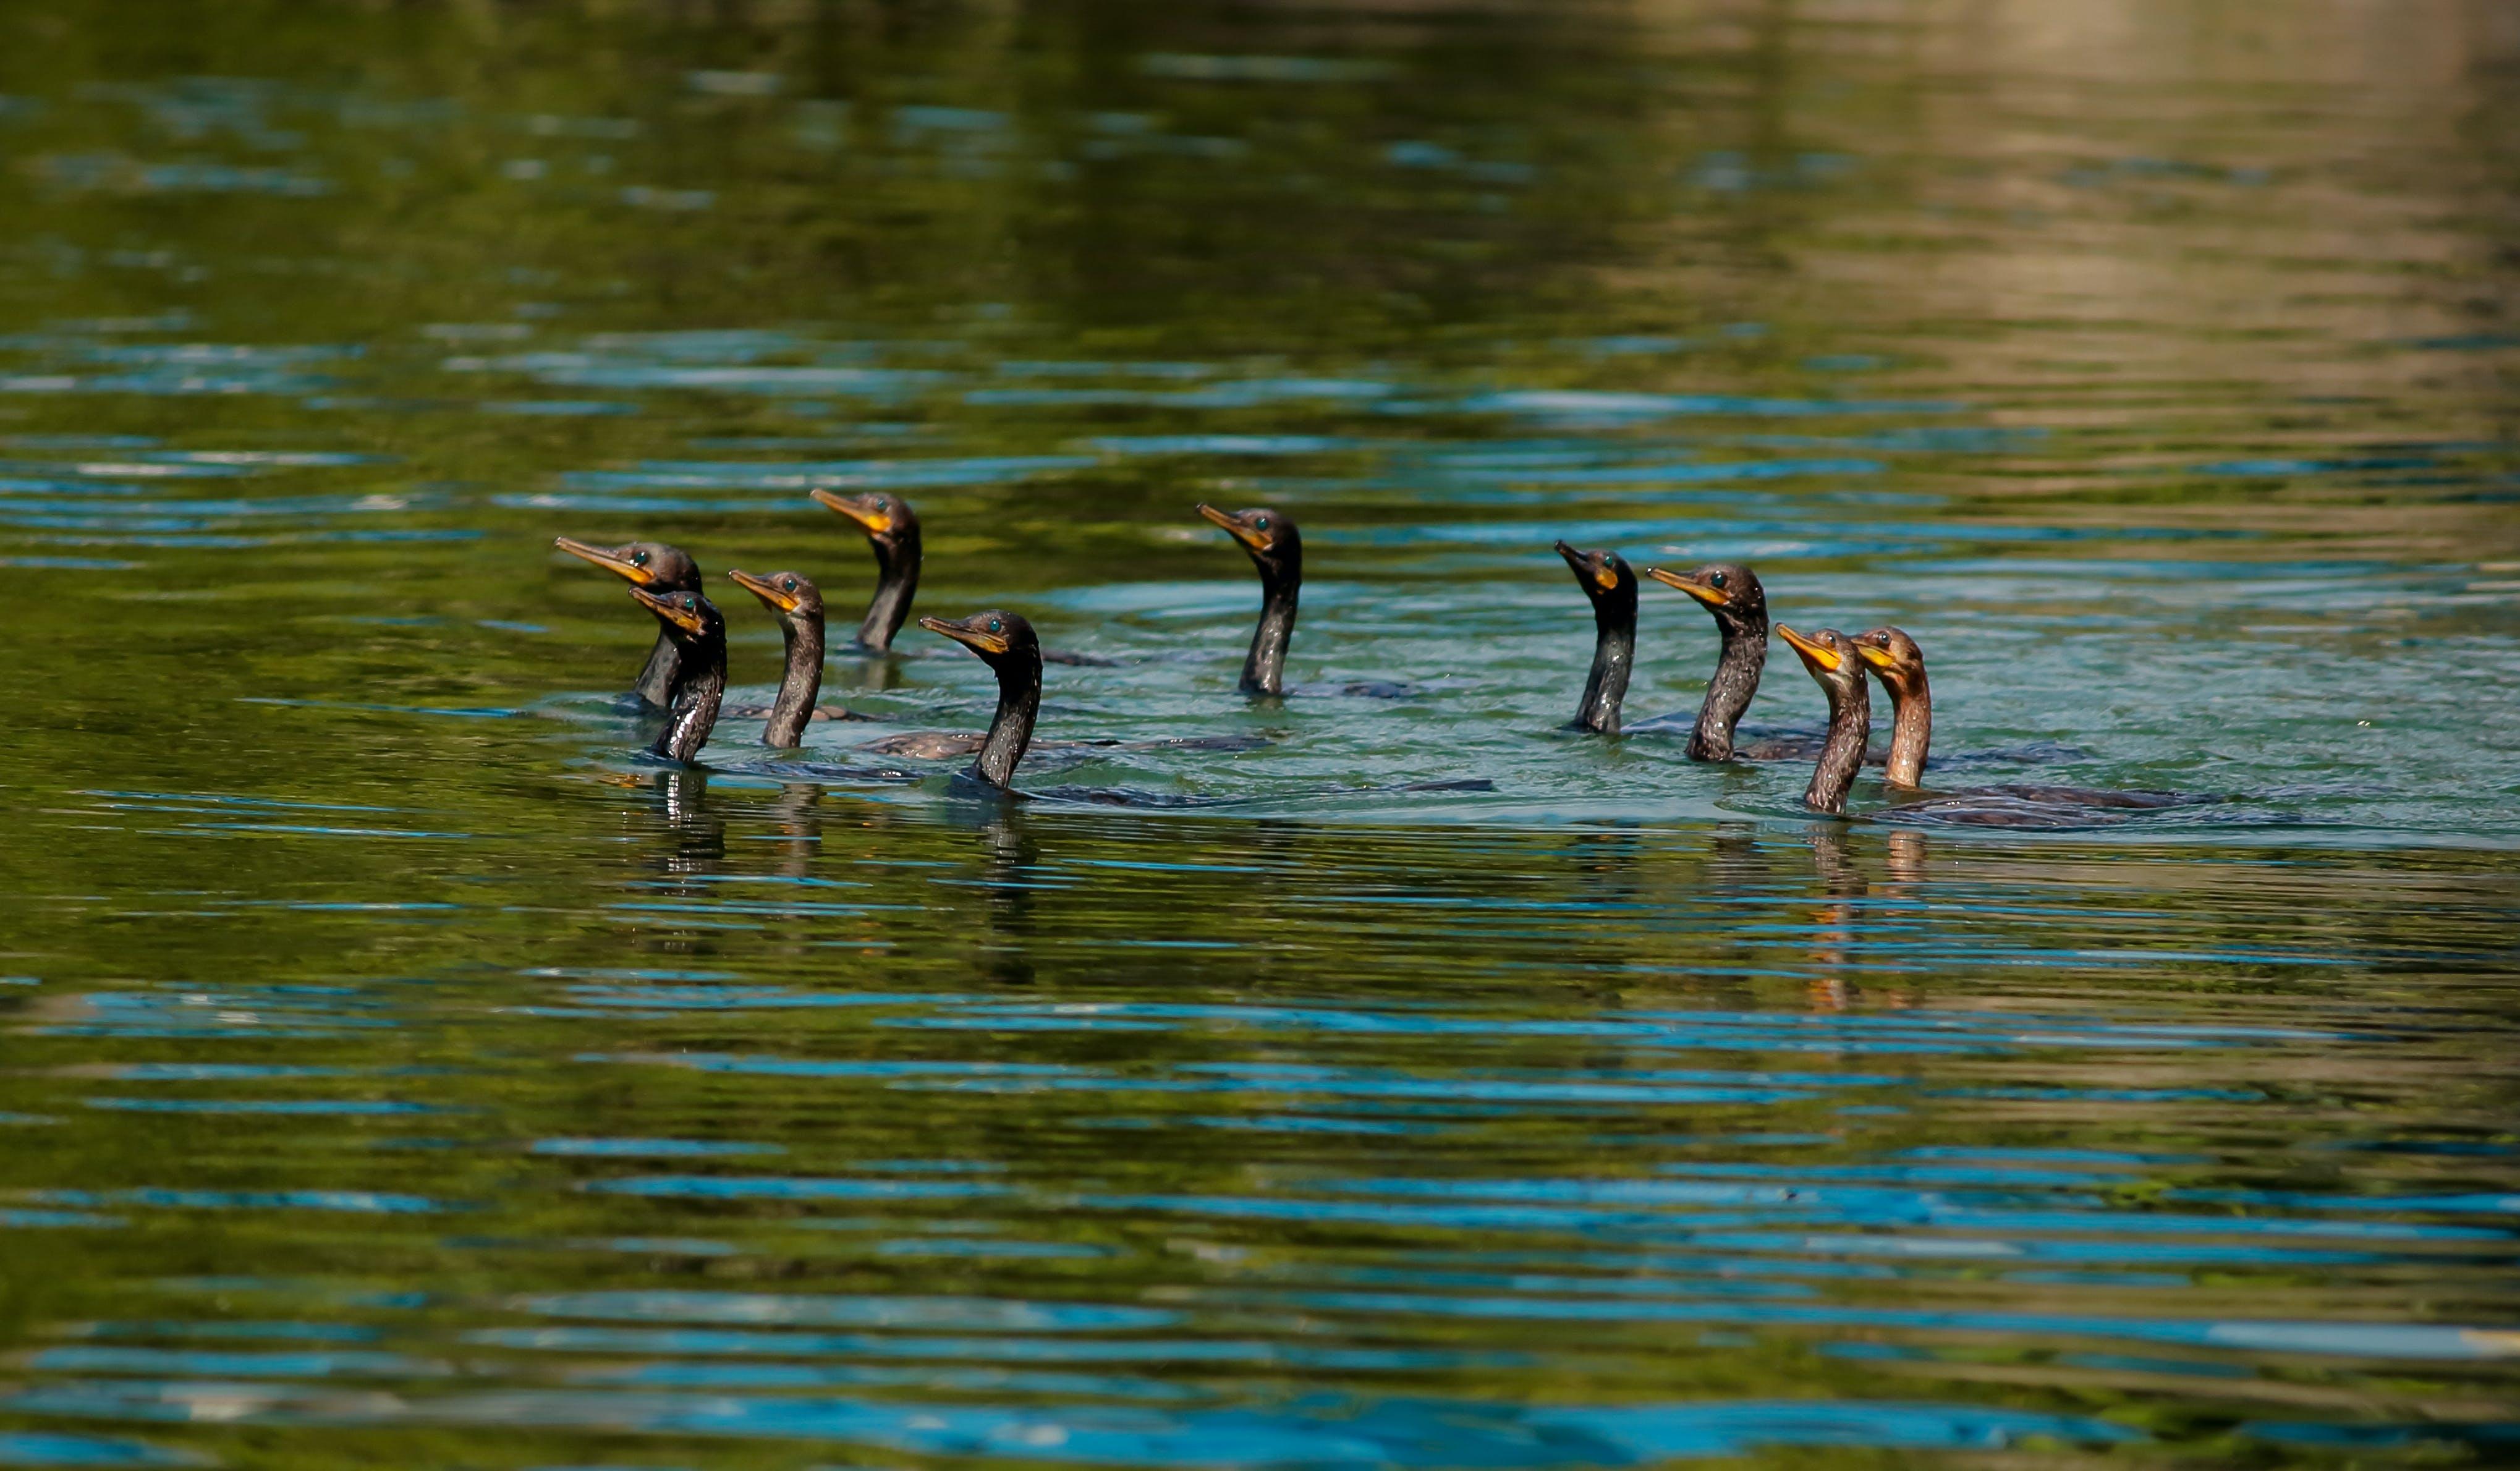 Δωρεάν στοκ φωτογραφιών με άγρια φύση, γλάροι, γλάρος, ελευθερία